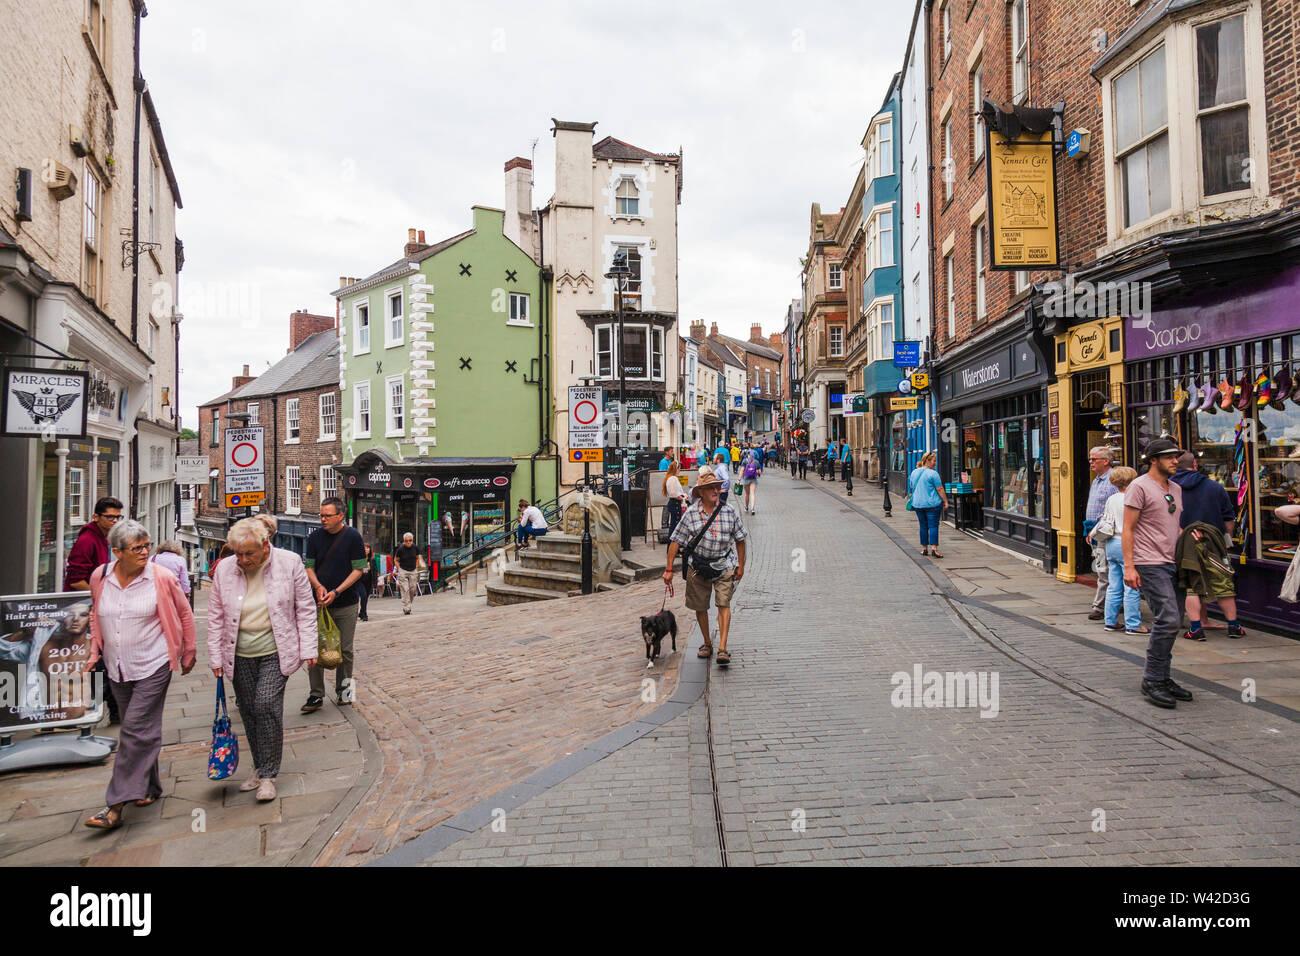 Street scene at the junction of Saddler Street and Elvet Bridge in Durham,England,UK - Stock Image